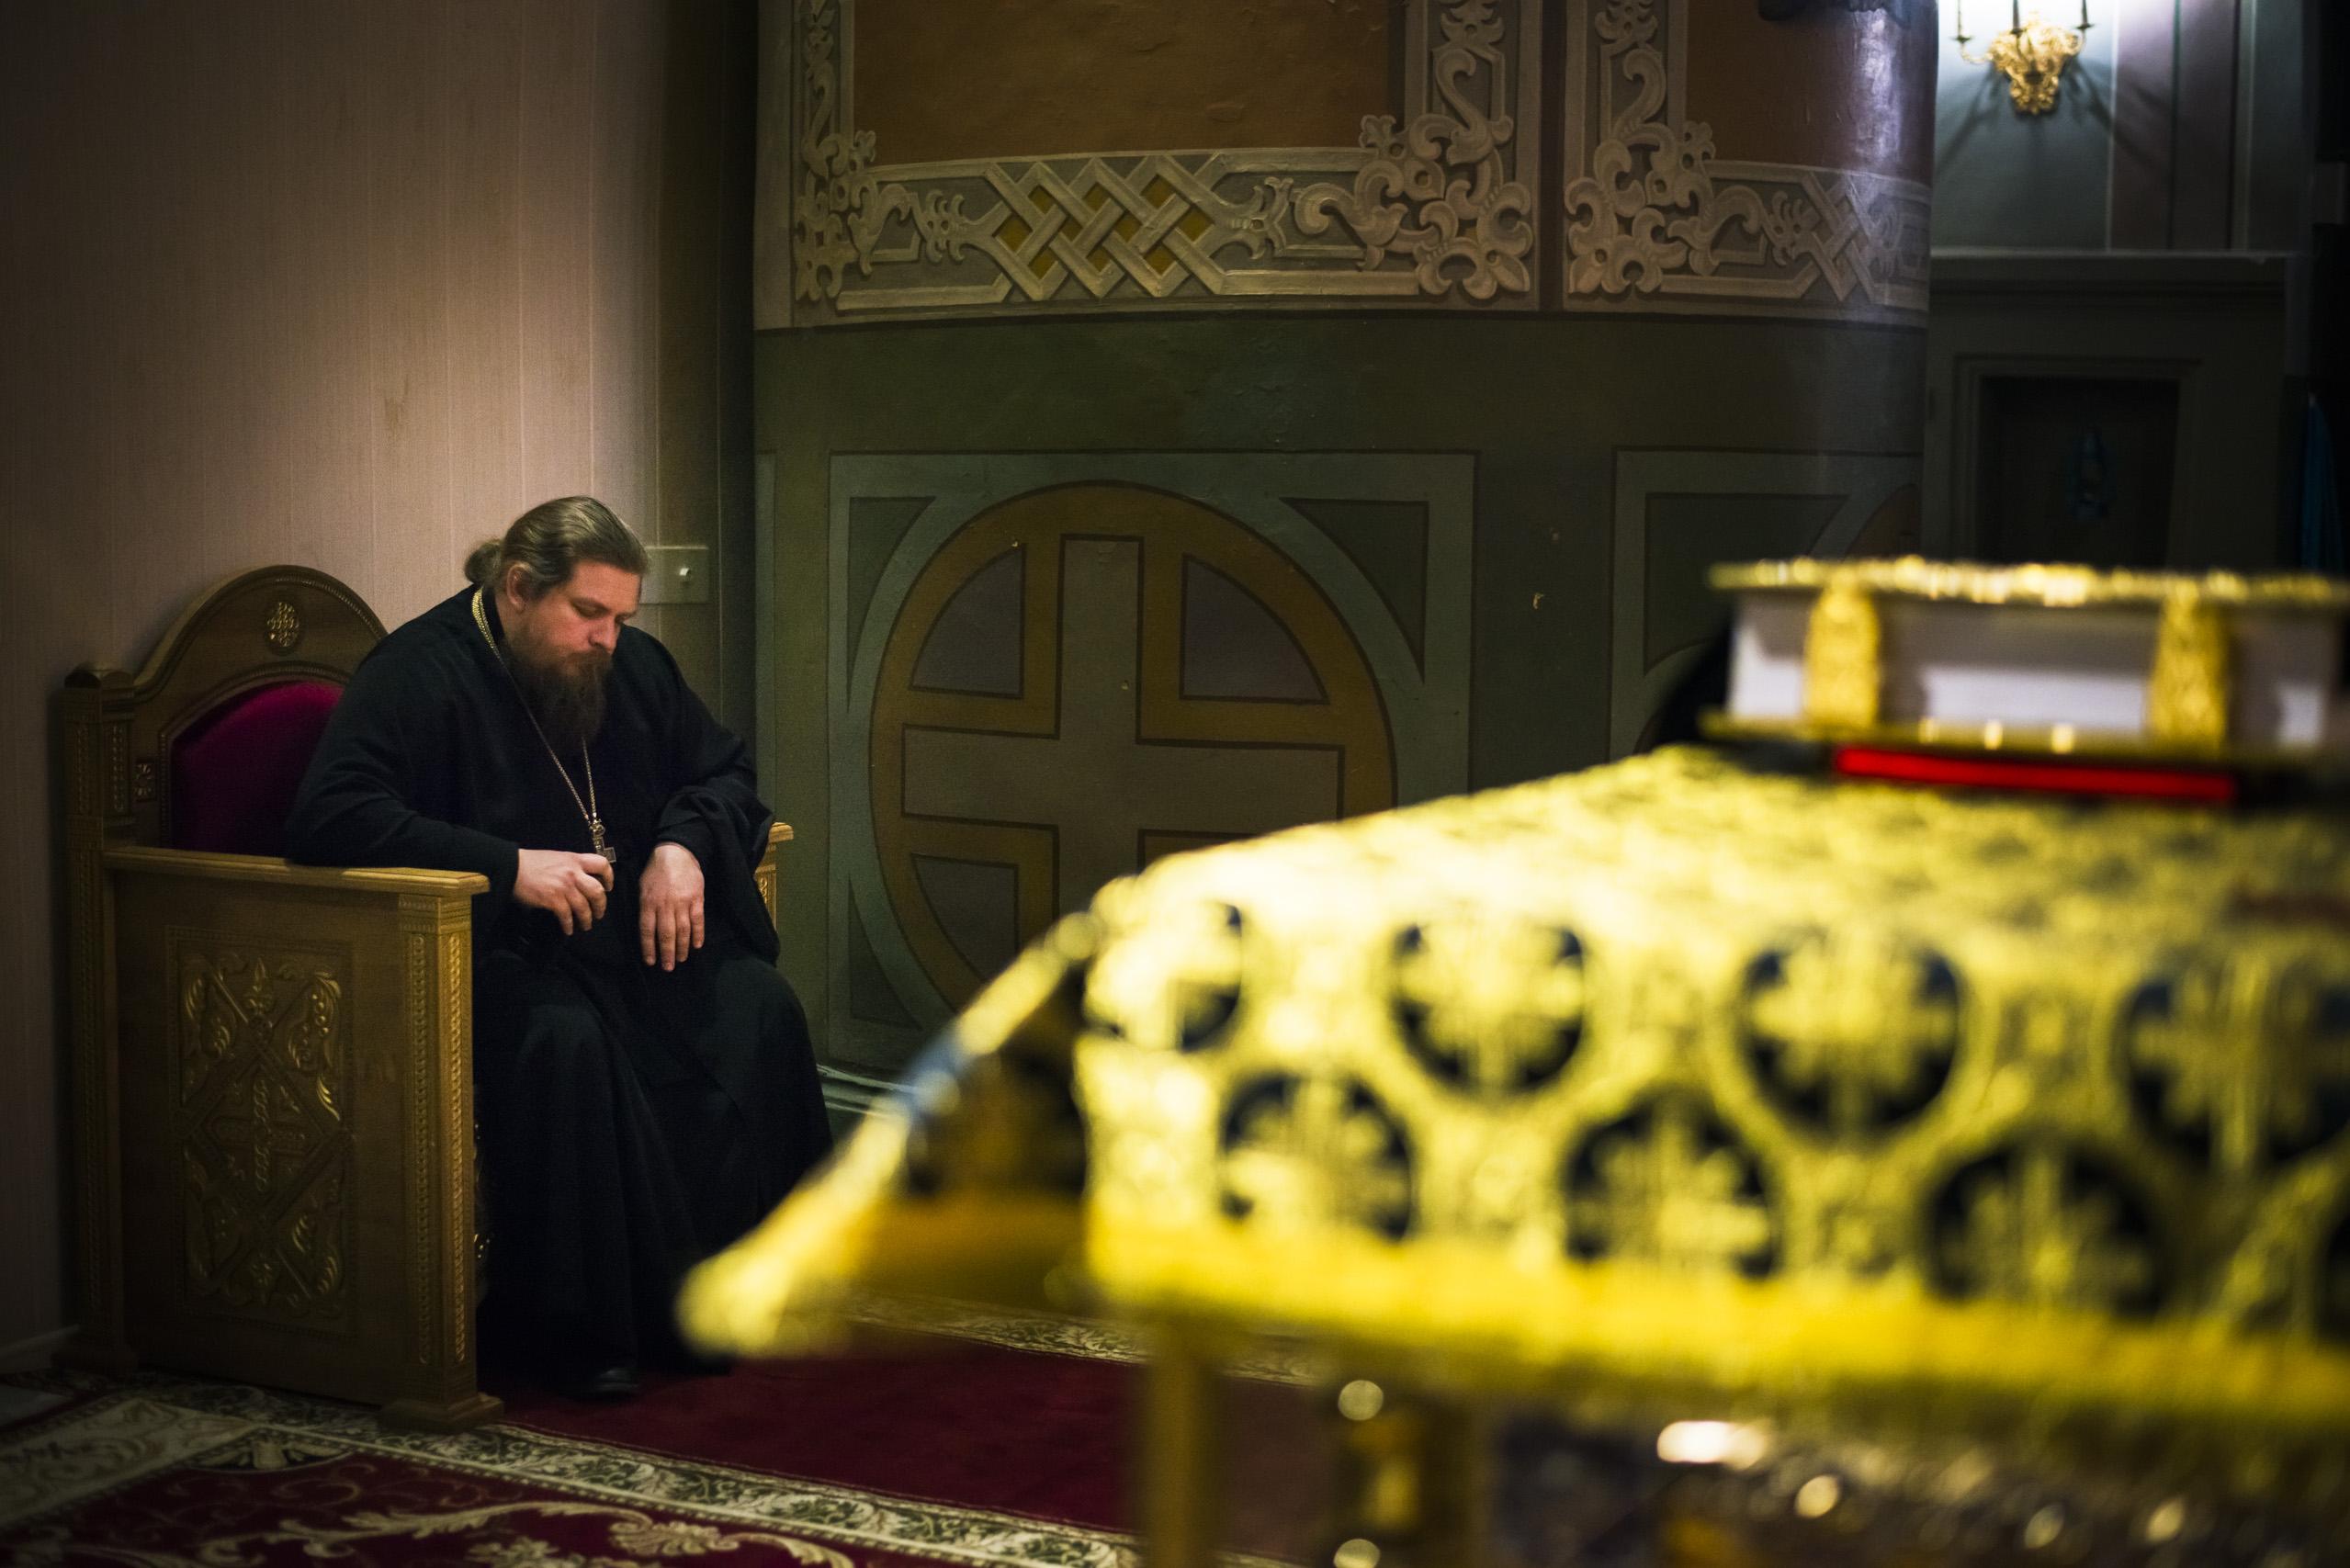 Протоиерей Алексий Чубаков: Мечту о лучшем мы соединяем с молитвой